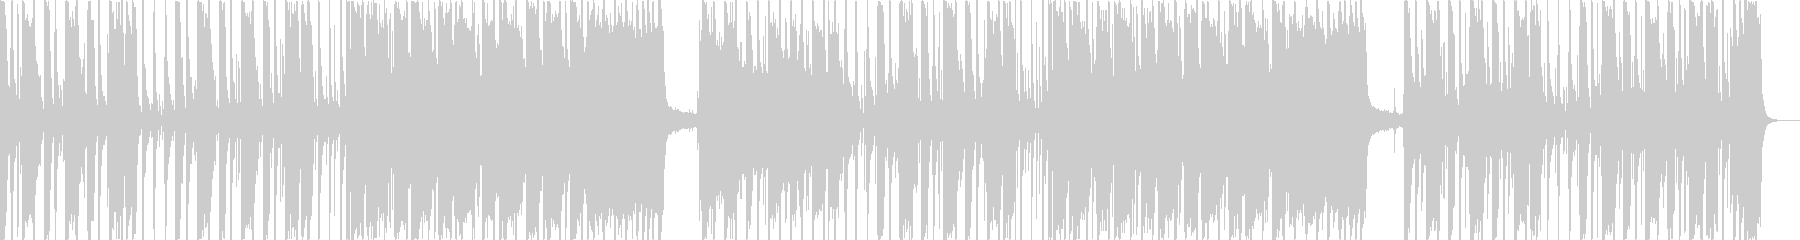 重低音がメリハリあるメロディーの未再生の波形